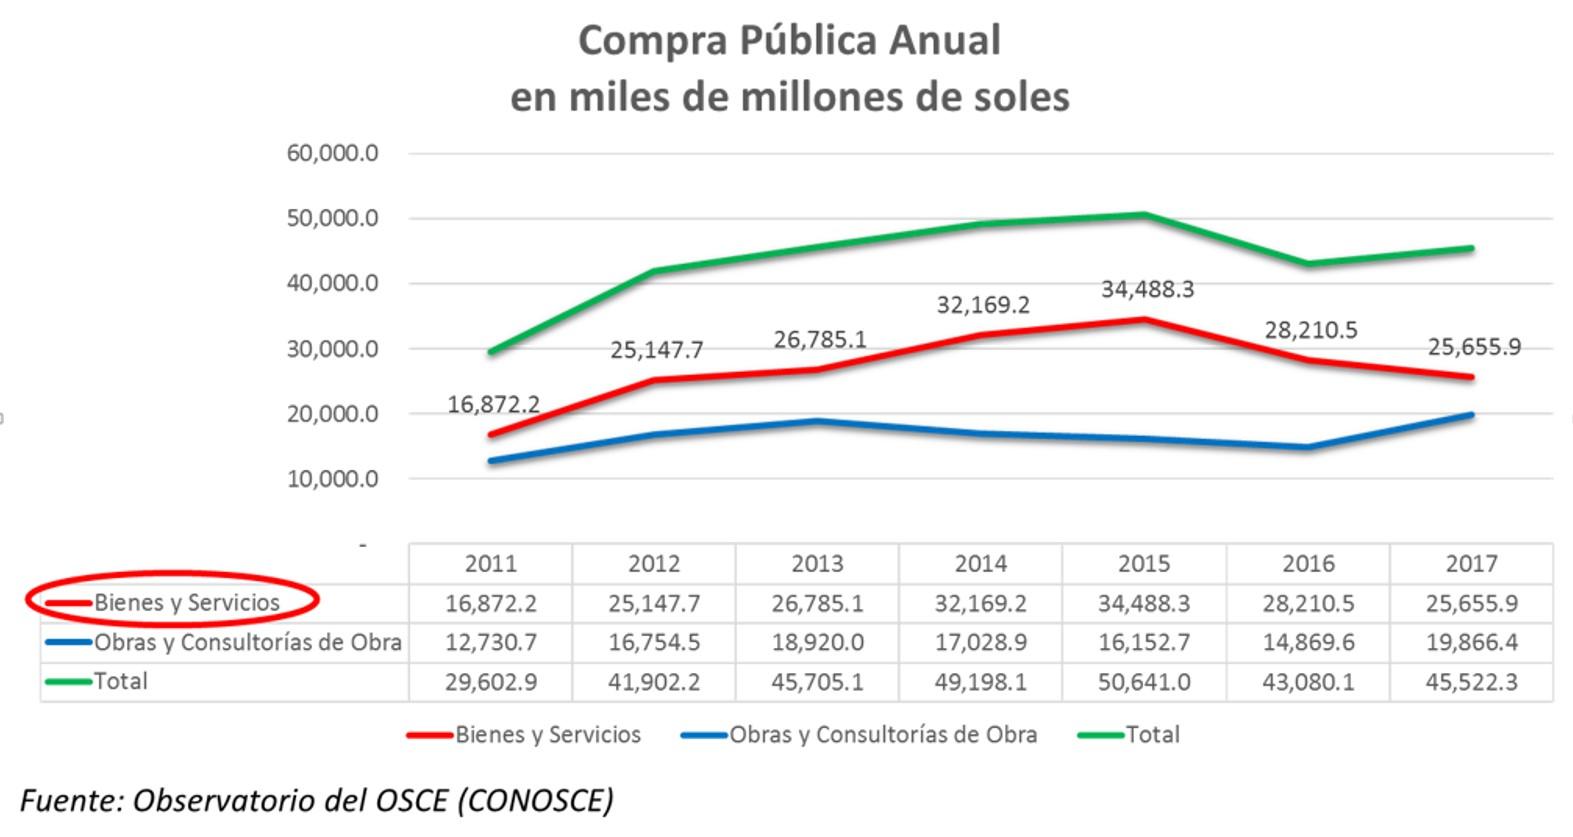 Evolución de las compras públicas que realiza el Perú. (Imagen: Perú Compras)